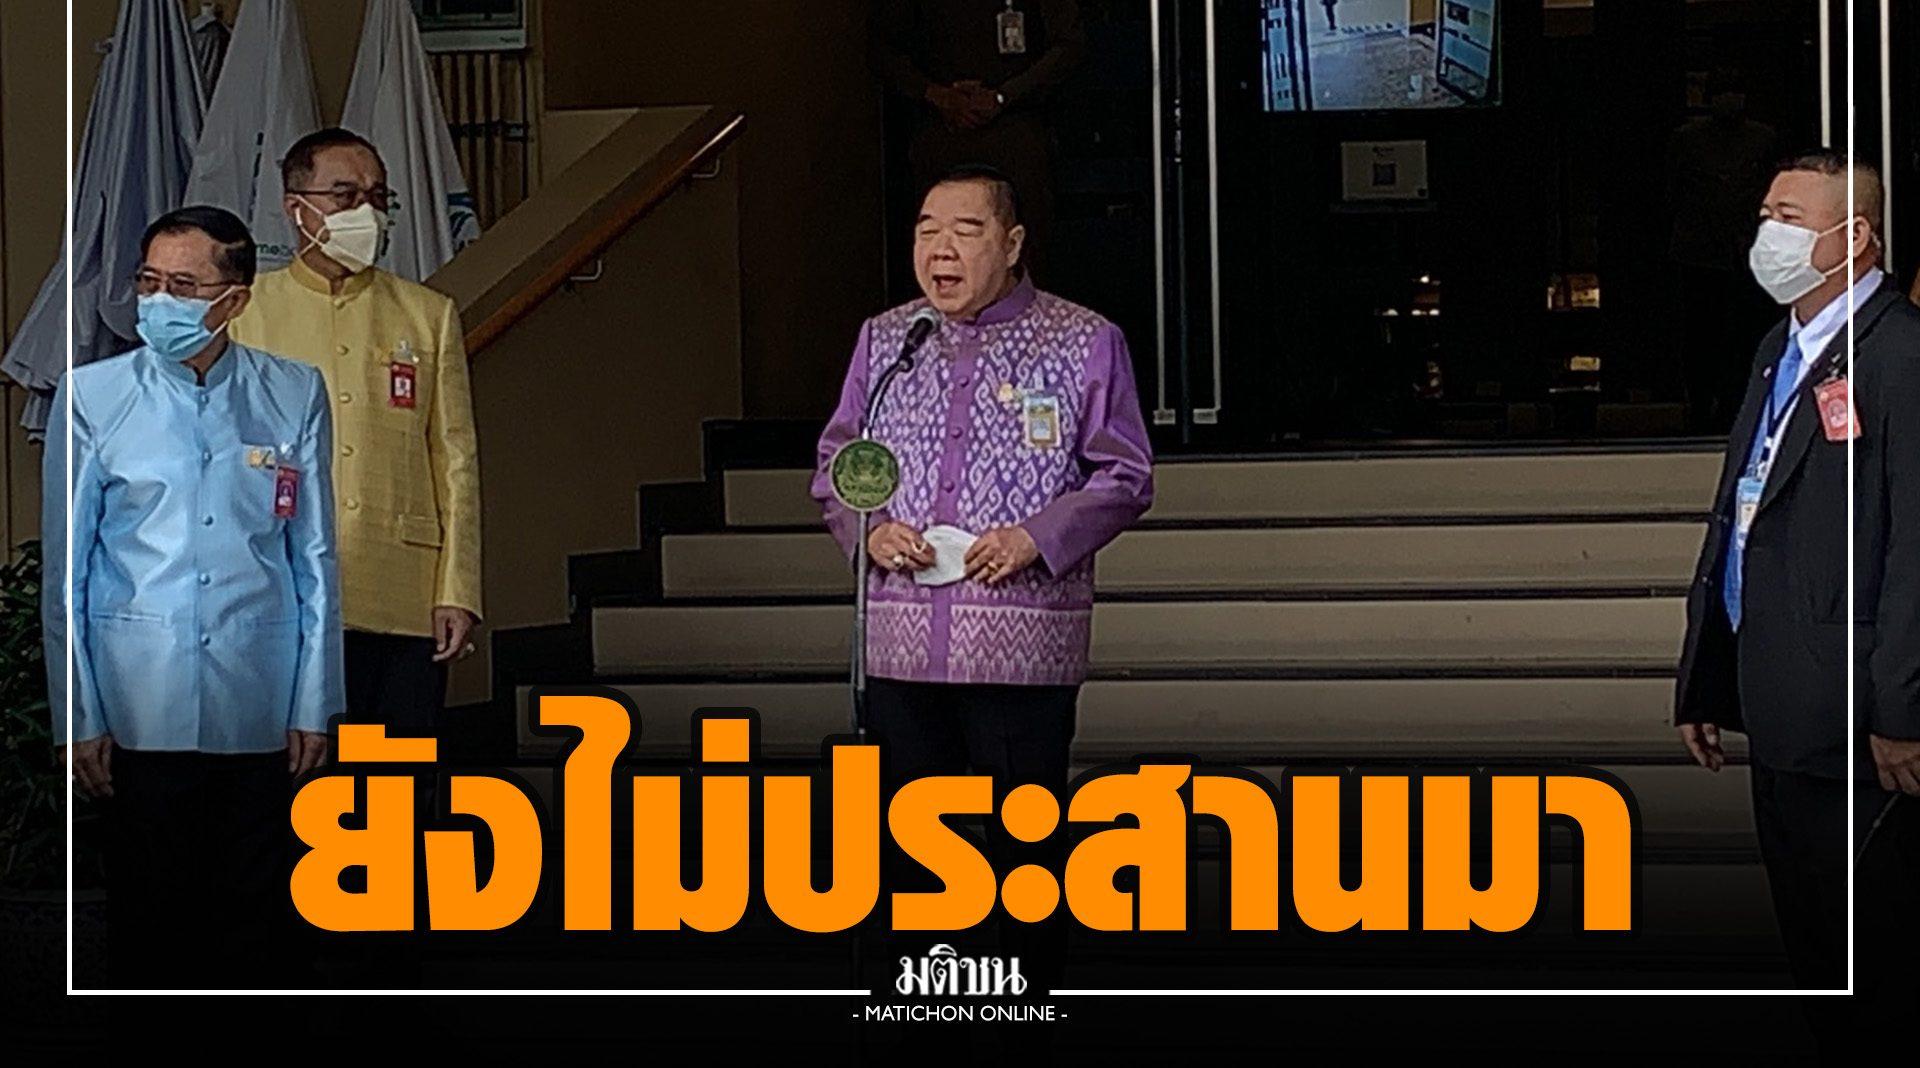 'บิ๊กป้อม' เผย มาเลเซียยังไม่ประสานทางการไทย กรณีเตรียมผลักดันคนไทยลอบเข้าเมืองกลับบ้าน